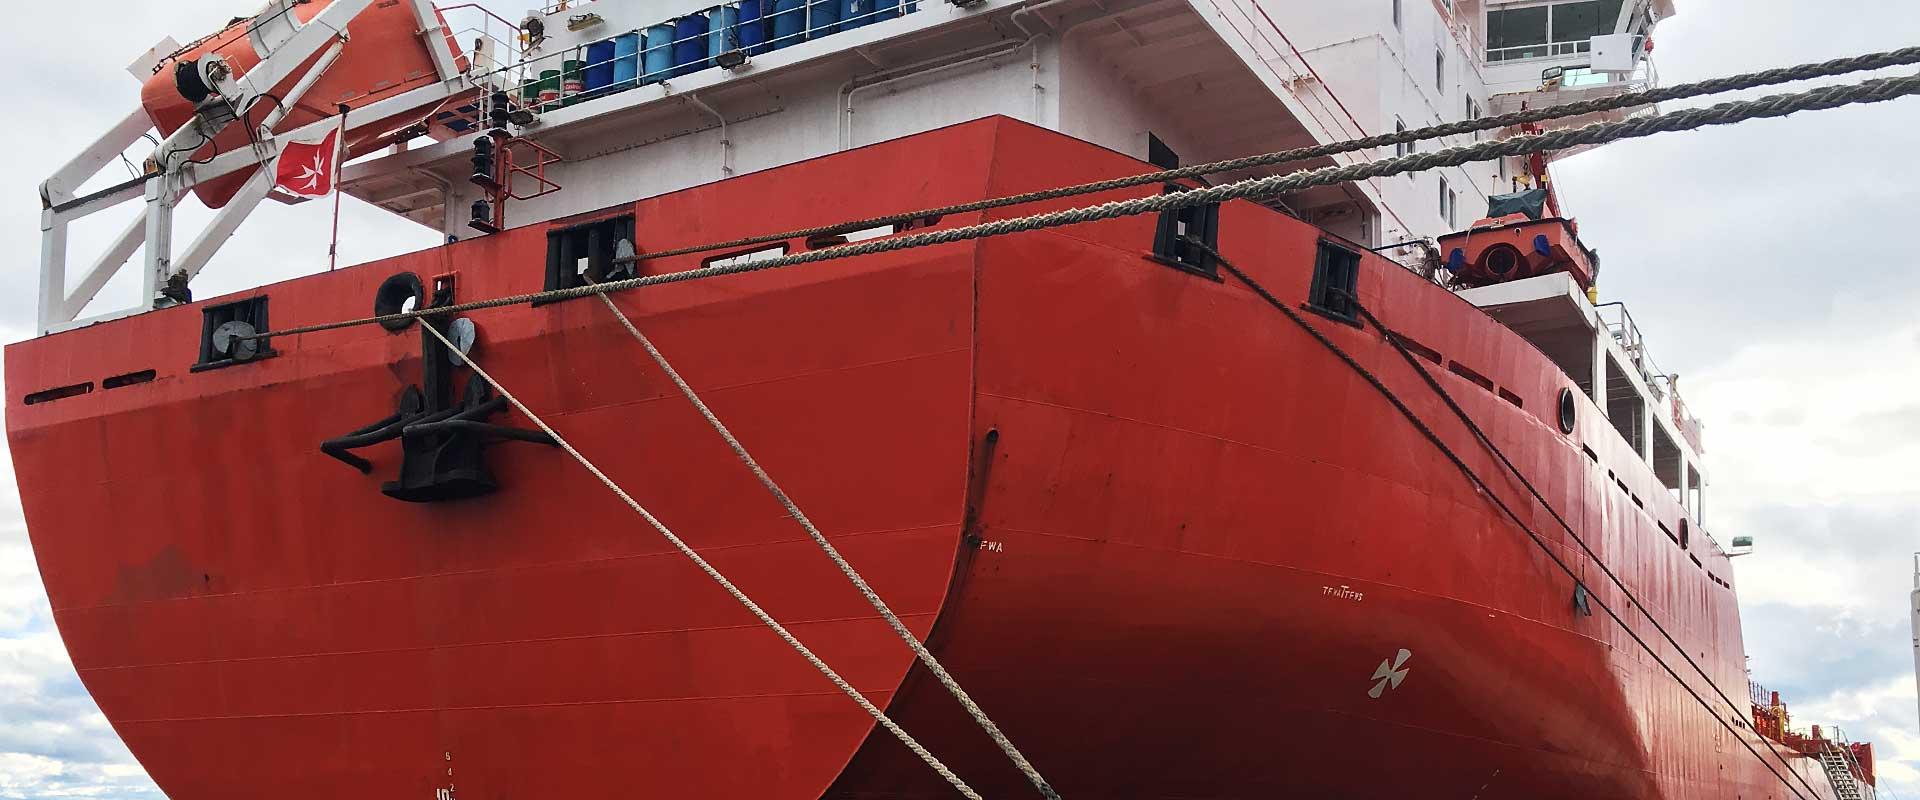 Marine Repairs and Overhauling